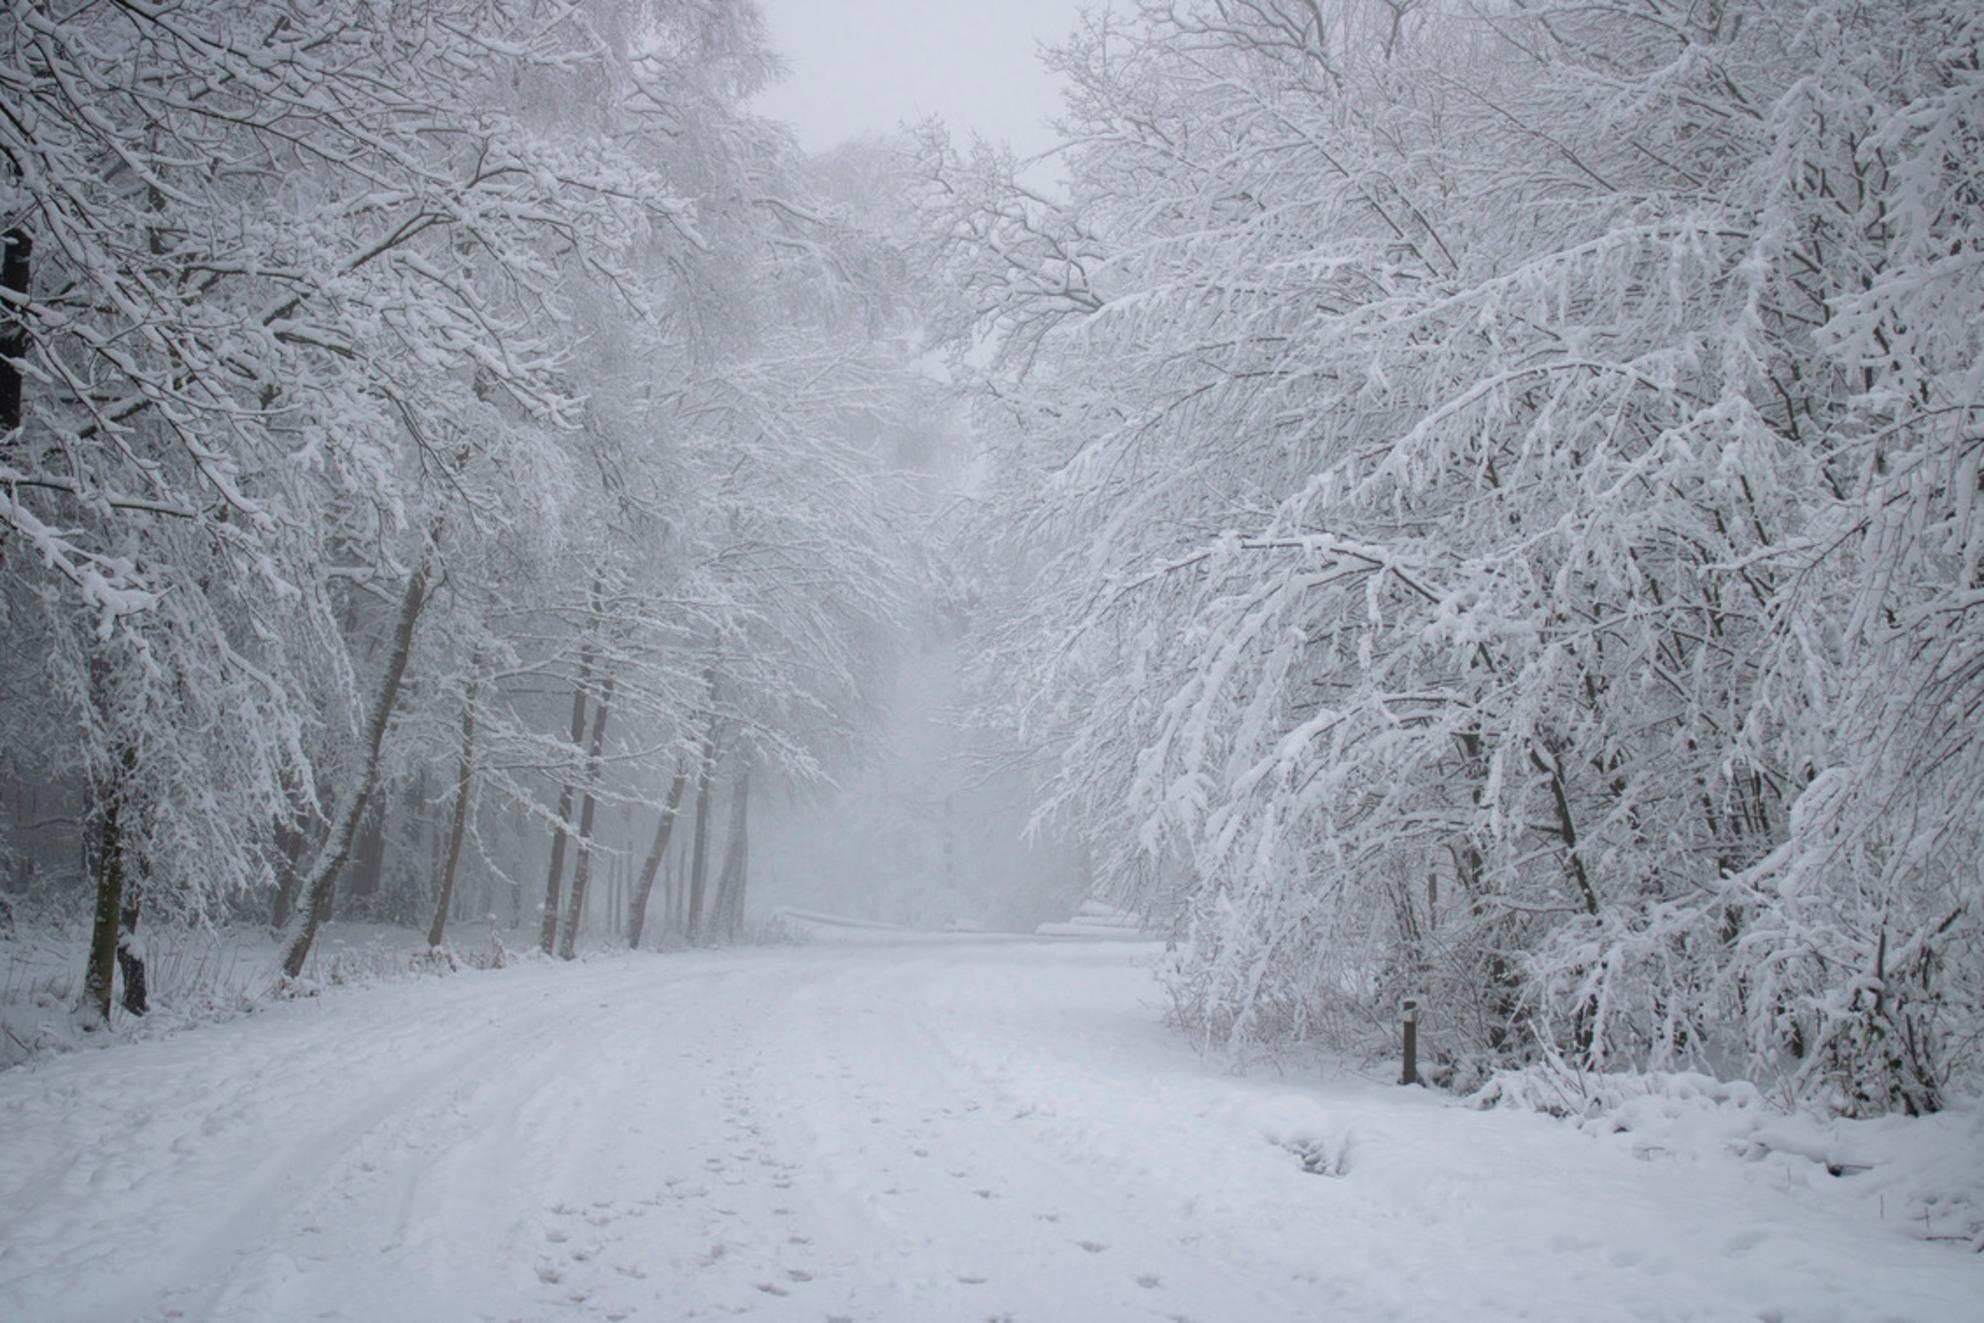 Winters Landschap - Vroege ochtend in het Vijlenerbos, genietend van een magisch winterlandschap. - foto door Carla34 op 27-01-2021 - deze foto bevat: boom, natuur, sneeuw, winter, landschap, mist, bos, nederland, vijlen, vijlenerbos, zuid-limburg, Vroege ochtend, winter wonderland